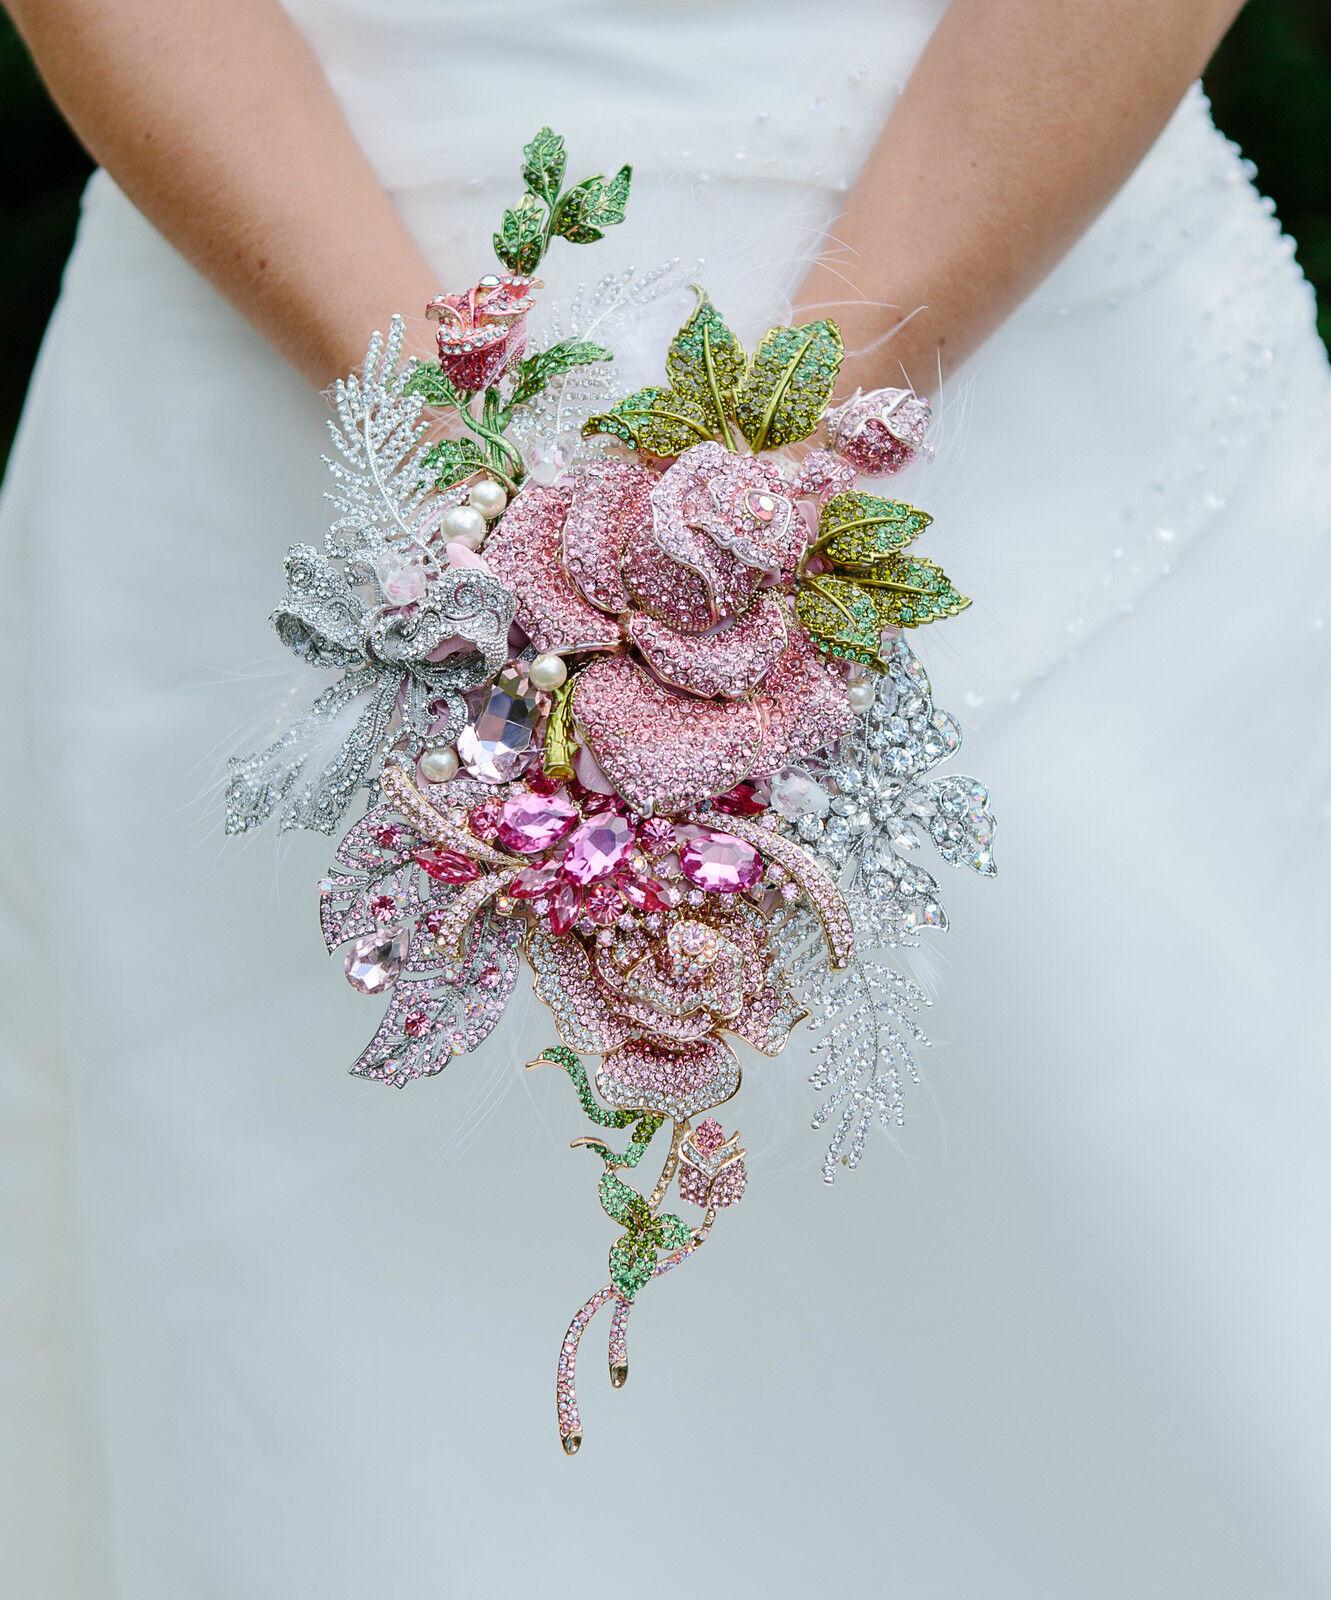 Broche Bouquet De Mariage Or Rose Argent Roses brides unique feuilles Papillon UK